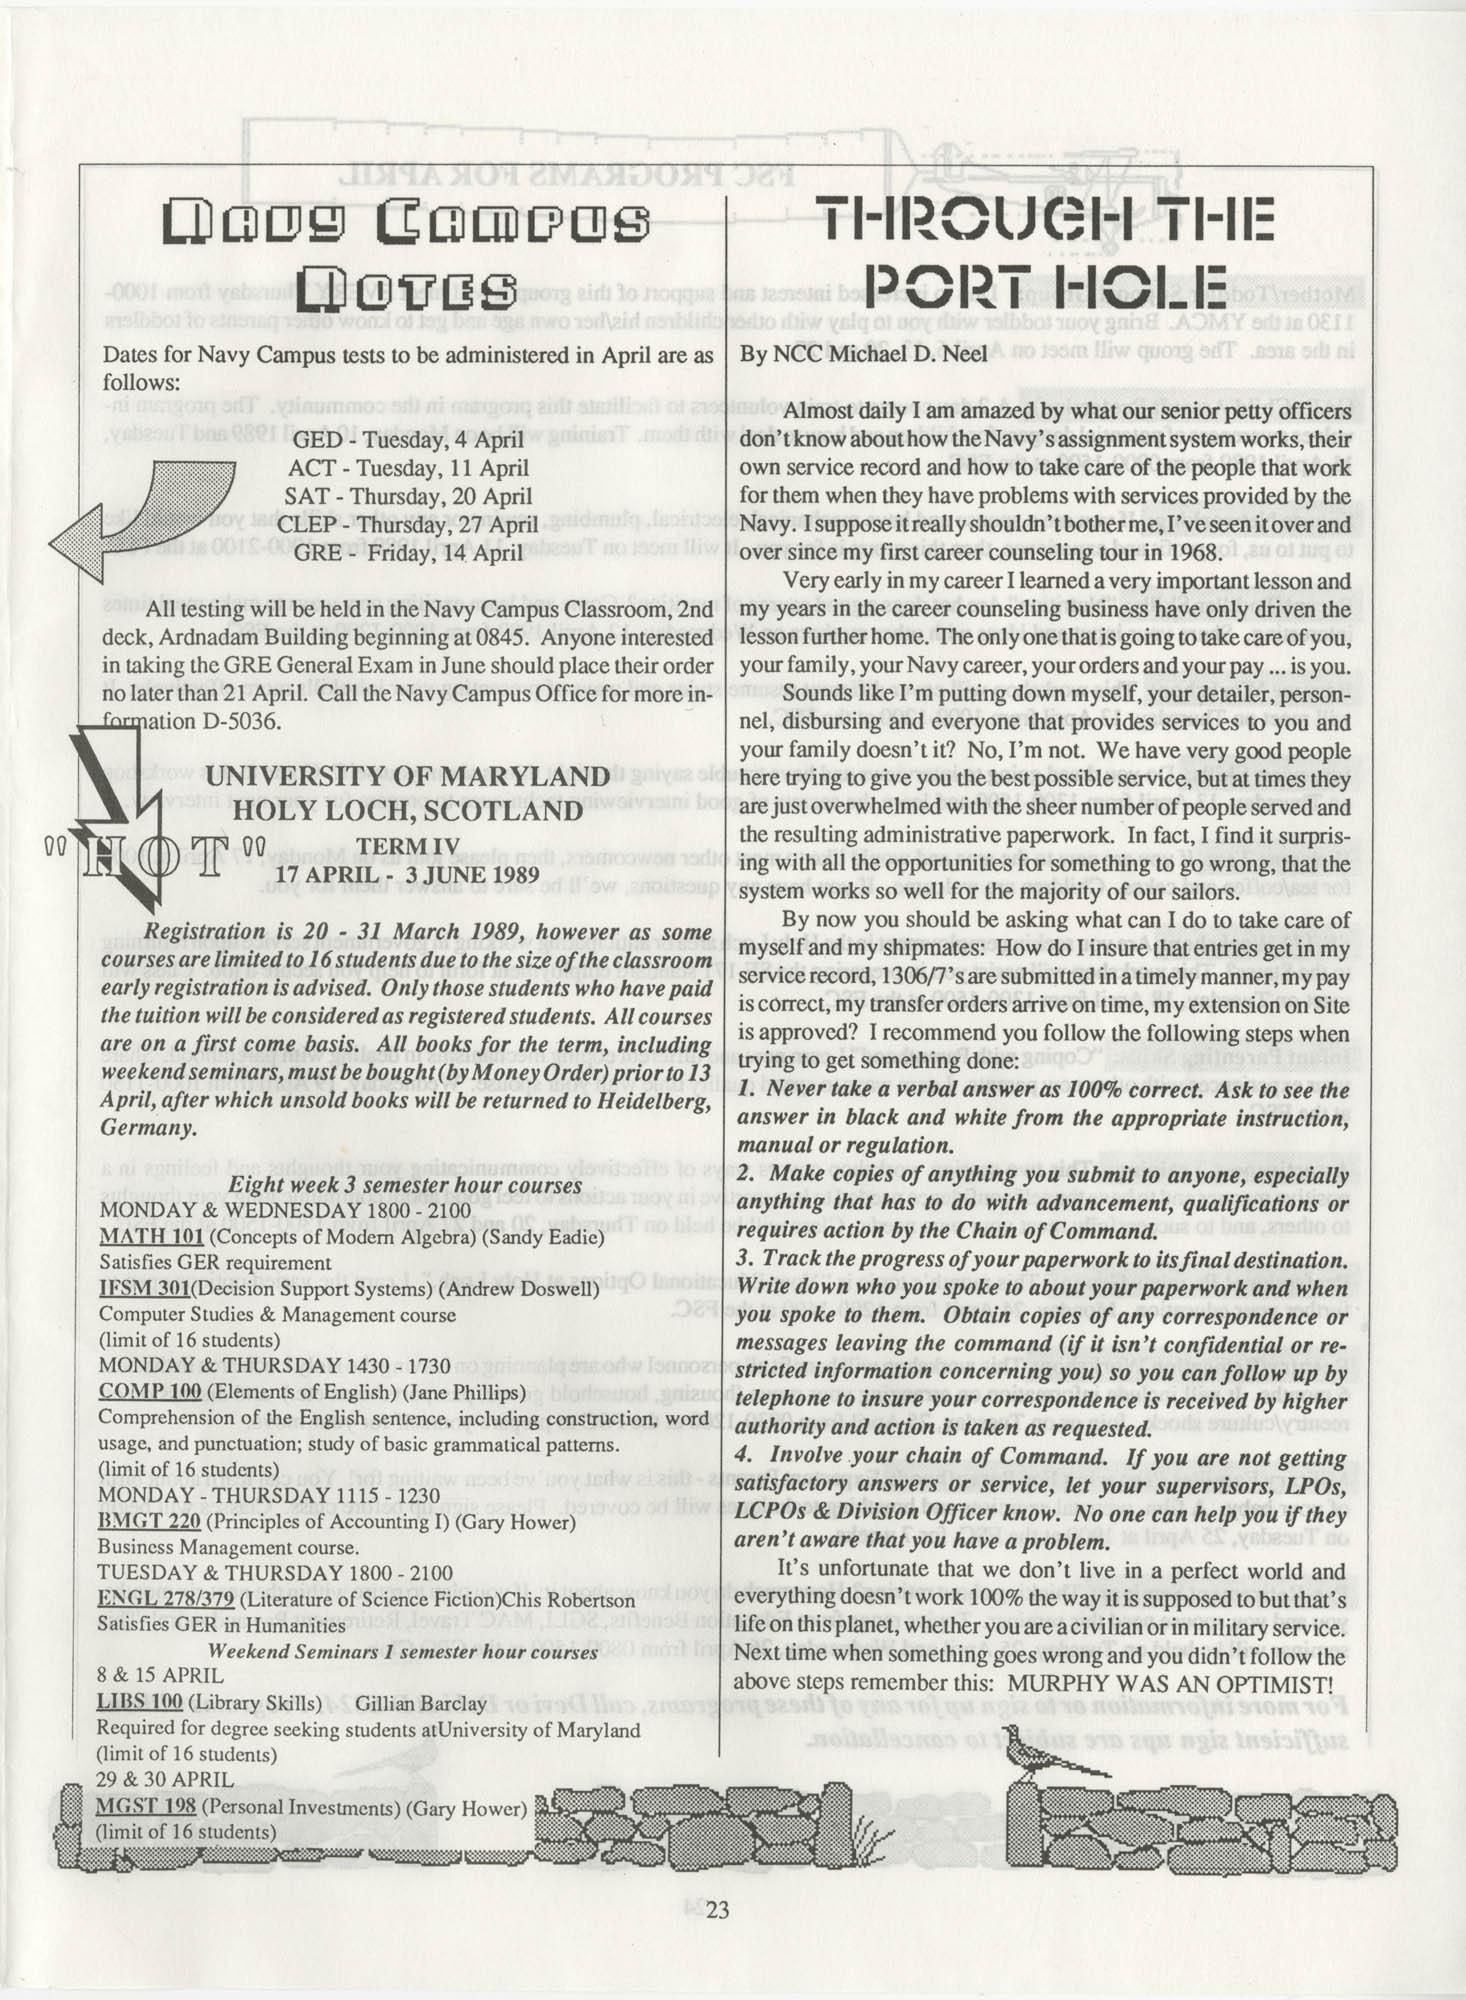 Periscope/Highlander, Vol. 1 No. 6, April 1989, Page 23